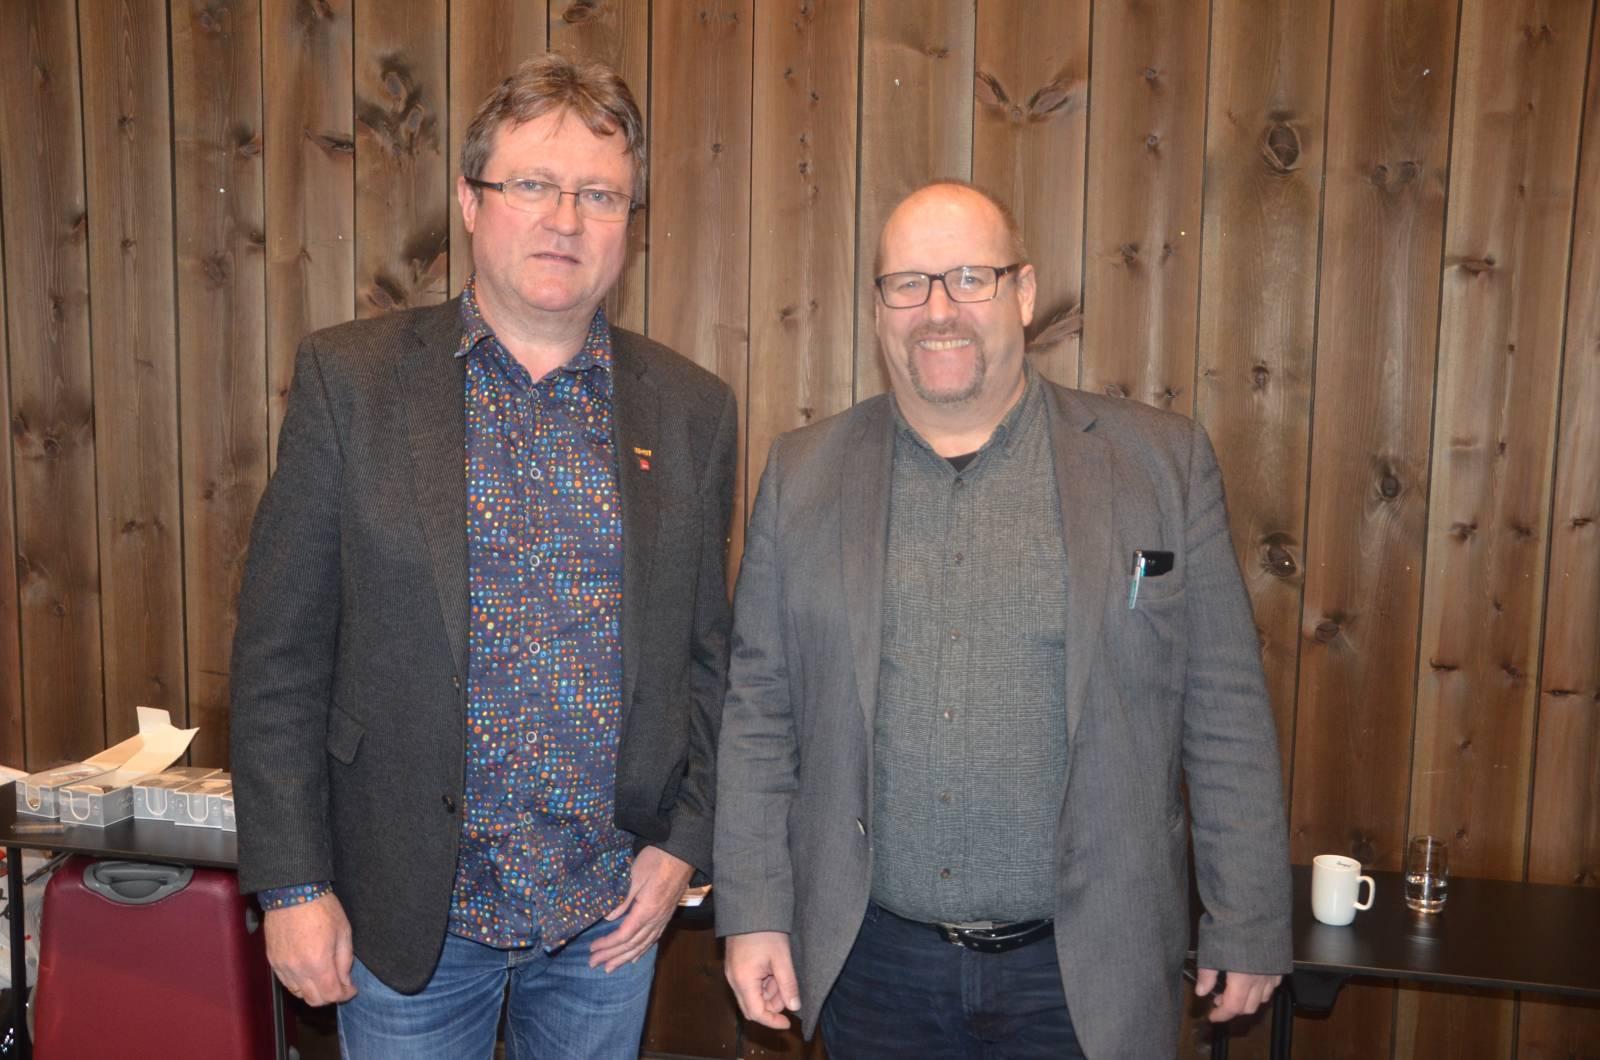 Roy Erling Furre og Ole Andreas Engen. Engen er professor i samfunnssikkerhet ved UiS. Han og Roy Erling har jobbet mye sammen. Foto: Mette Møllerop